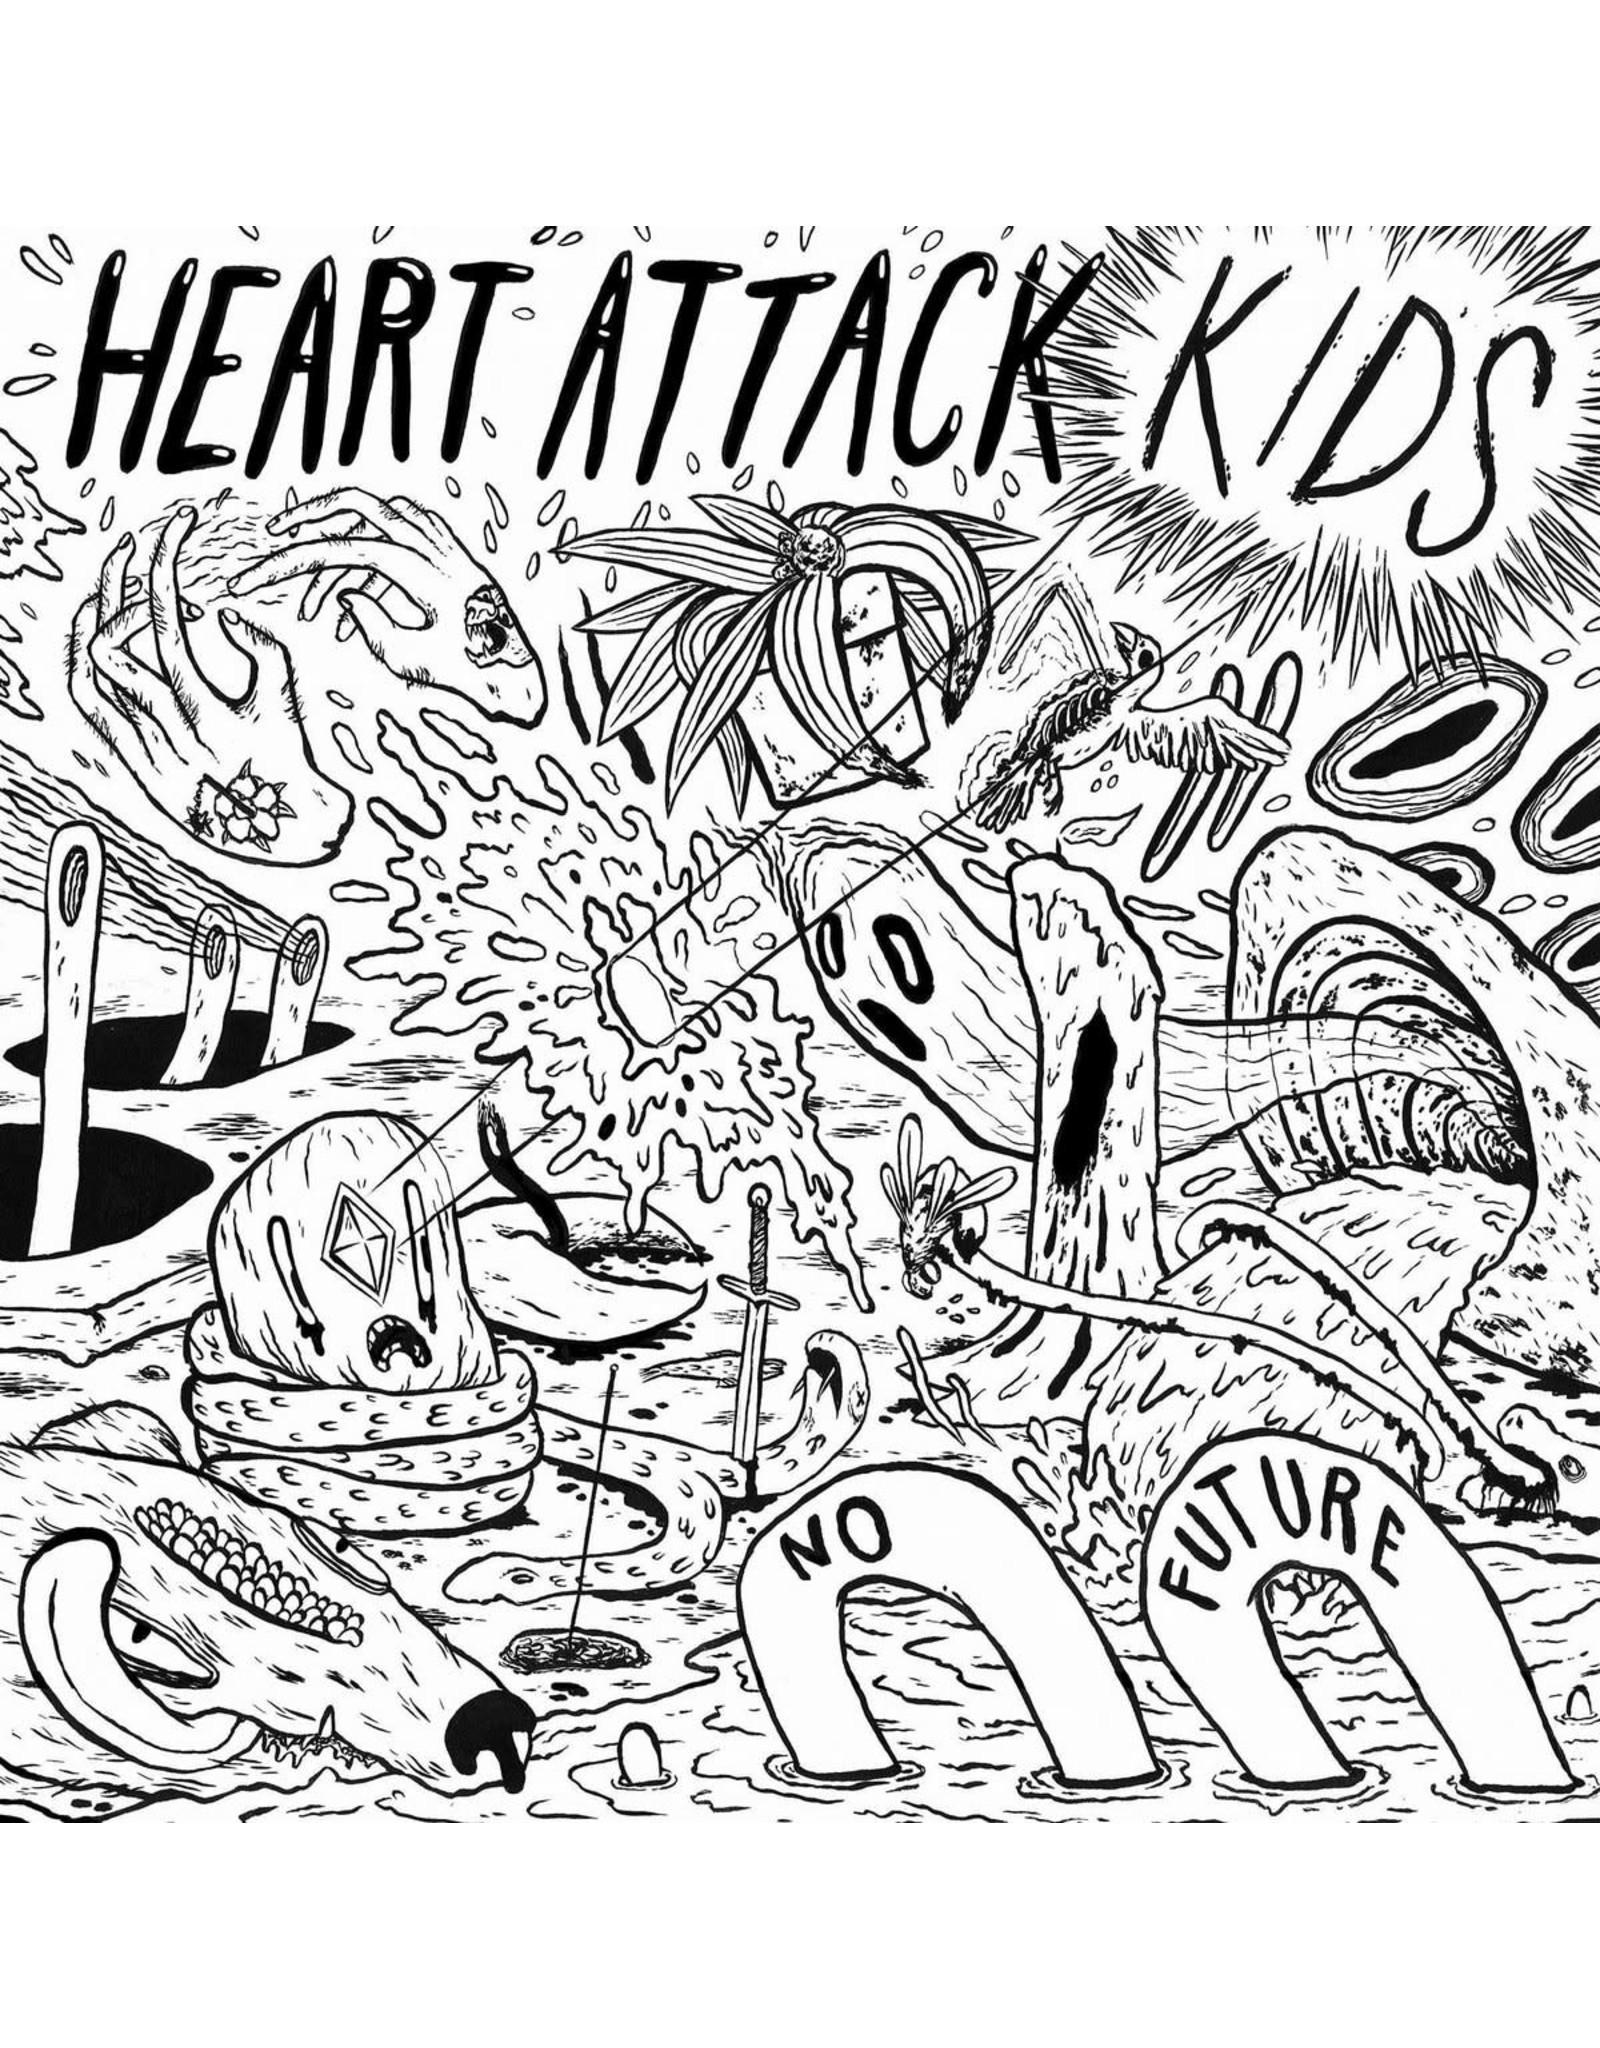 Heart Attack Kids - No Future LP